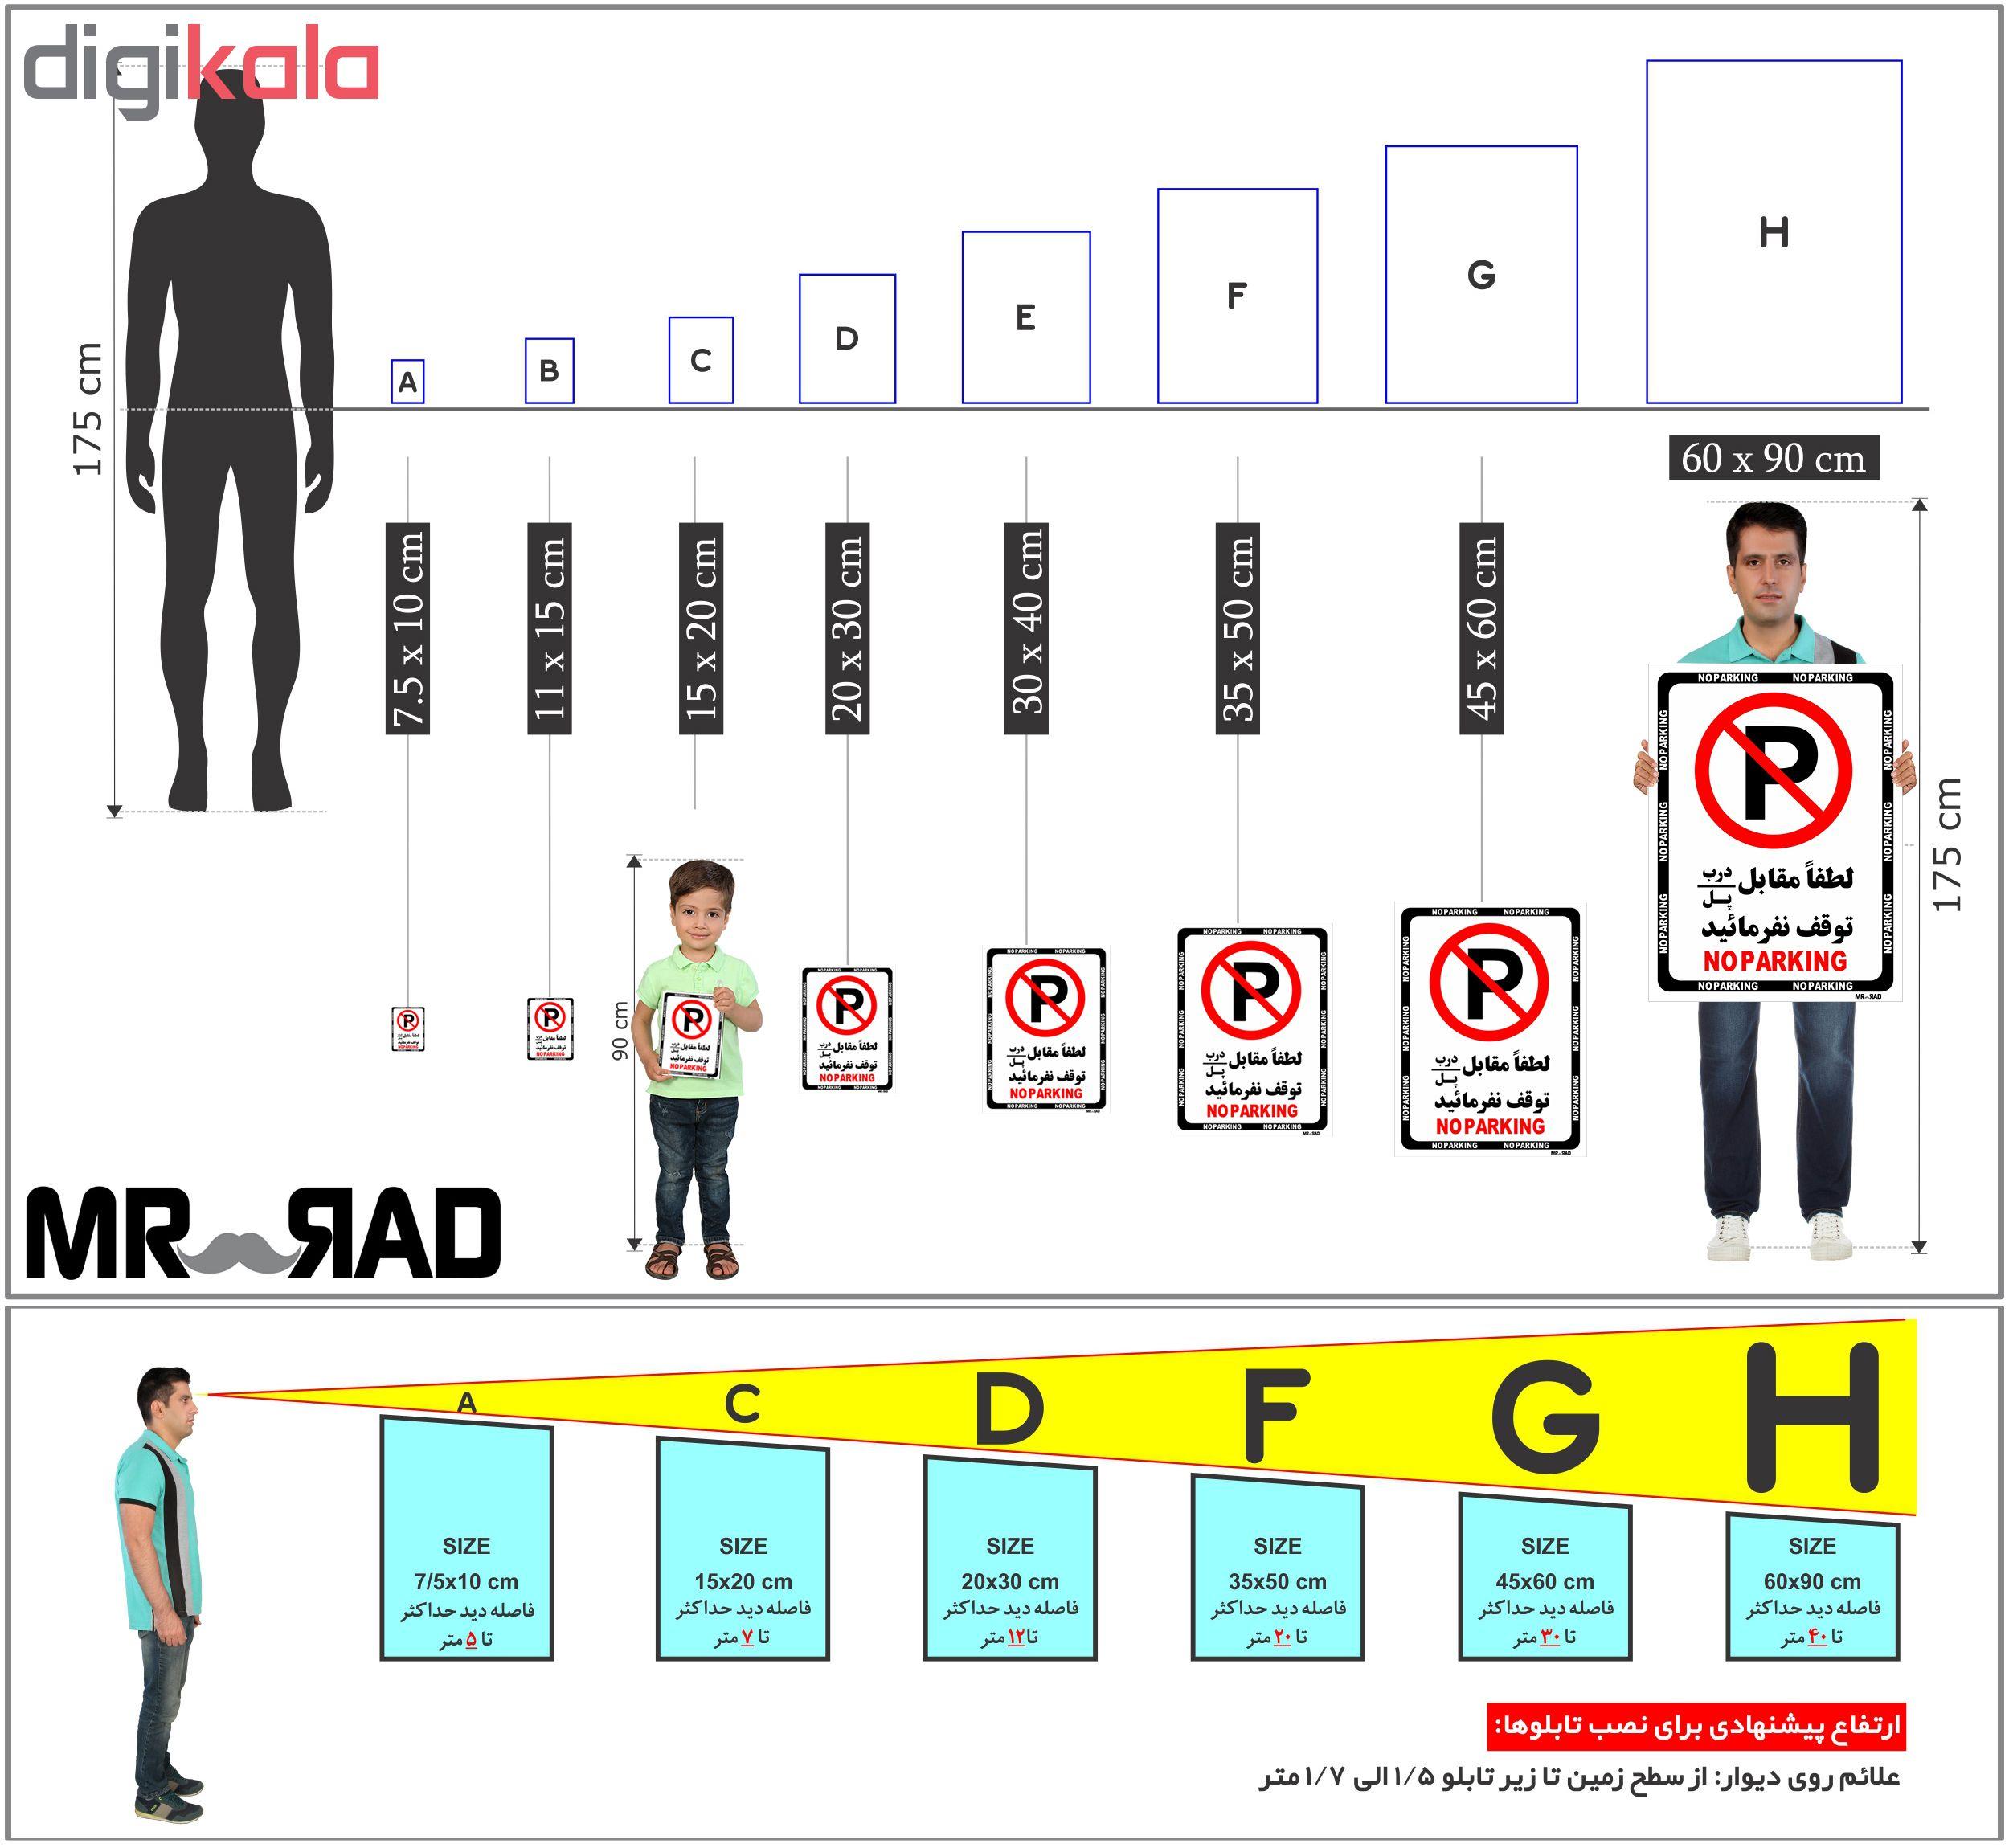 برچسب بازدارنده FG طرح لطفا مقابل درب/پل پارک نفرمایید کد LP00023 بسته 4 عددی